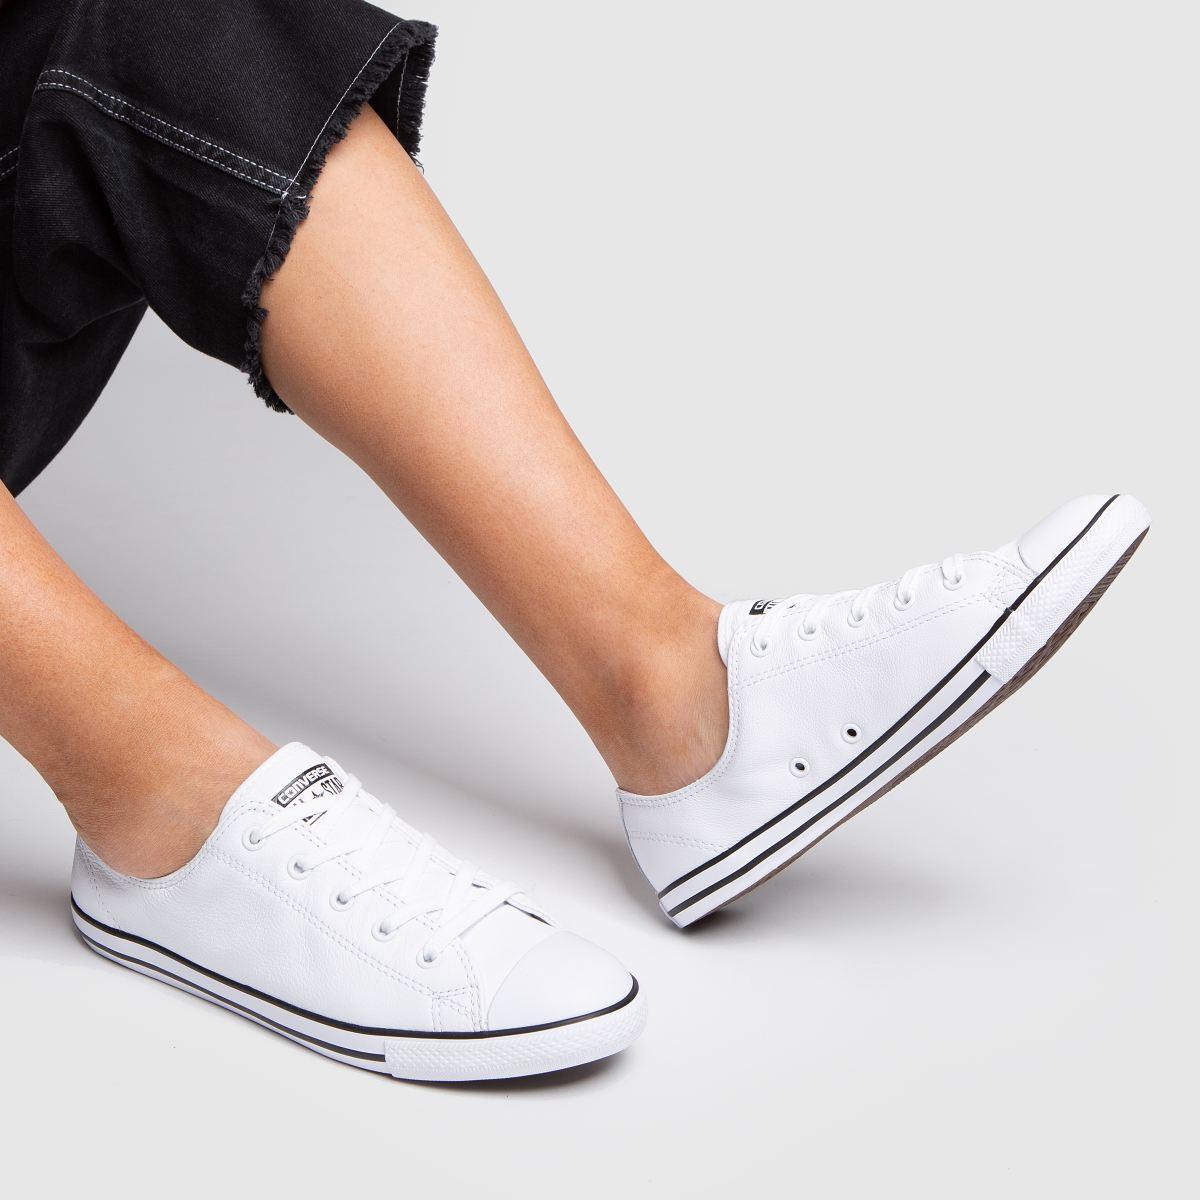 Damen Weiß converse All Star Dainty Gute Leather Sneaker   schuh Gute Dainty Qualität beliebte Schuhe bbd4eb